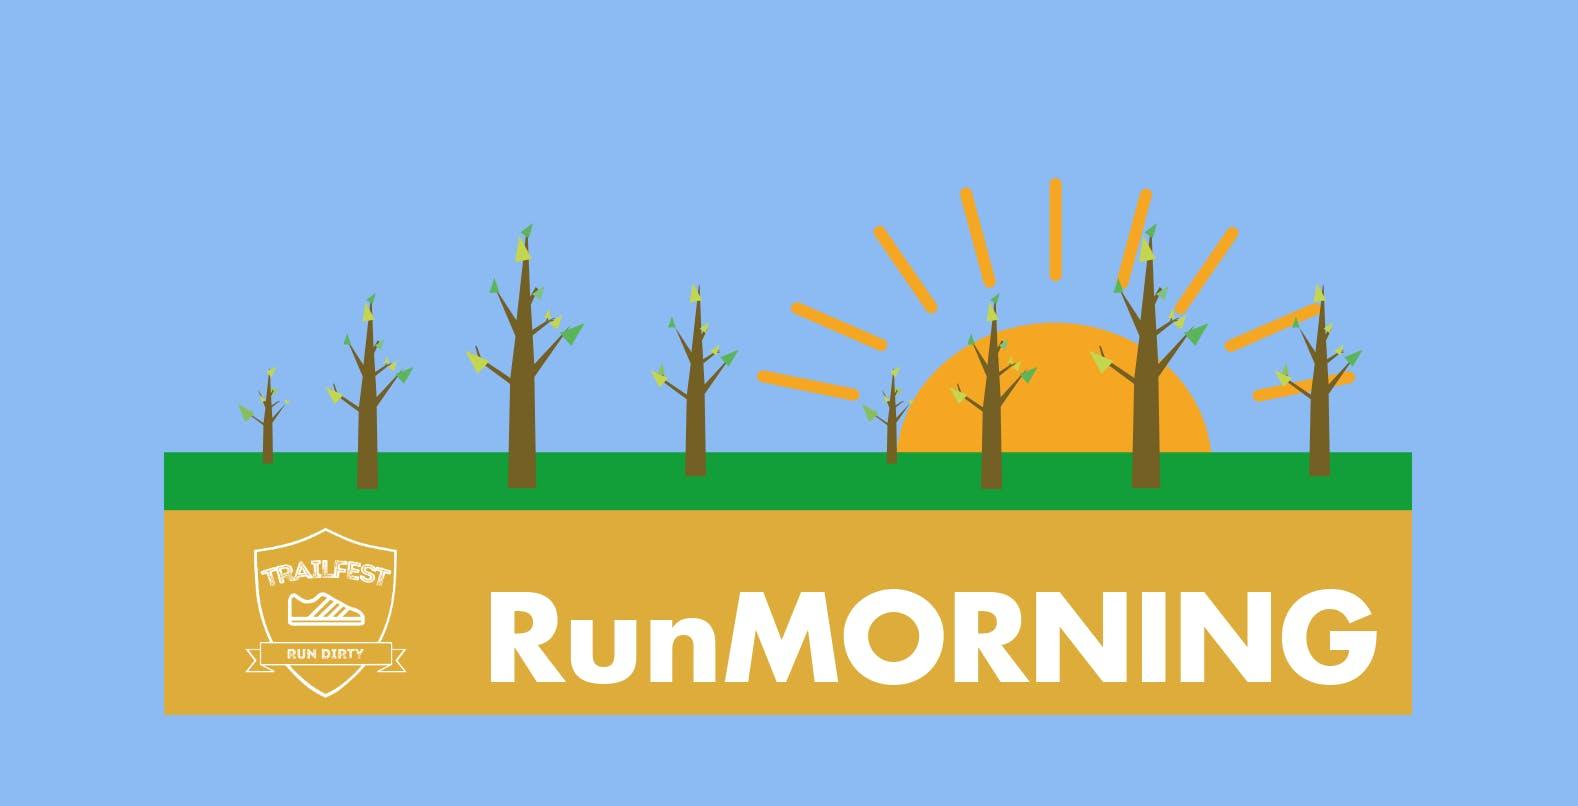 RunMORNING 10km